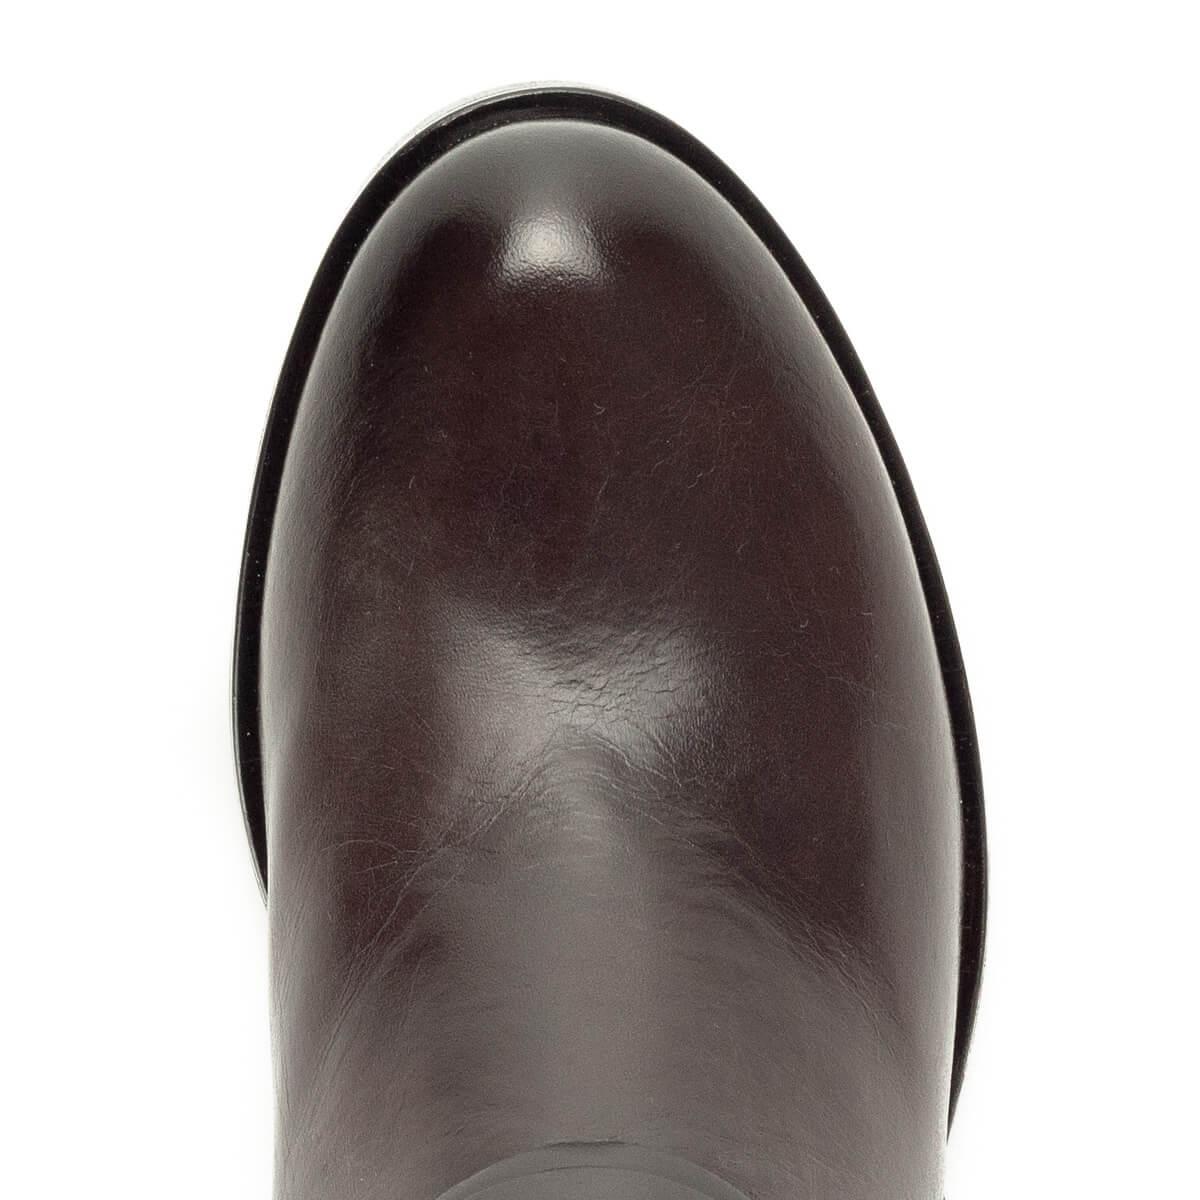 35a4280da0 Gyönyörű; Sötétbarna Tamaris bőr csizma vastag talppal, kb 3,5 cm magas  sarokkal.